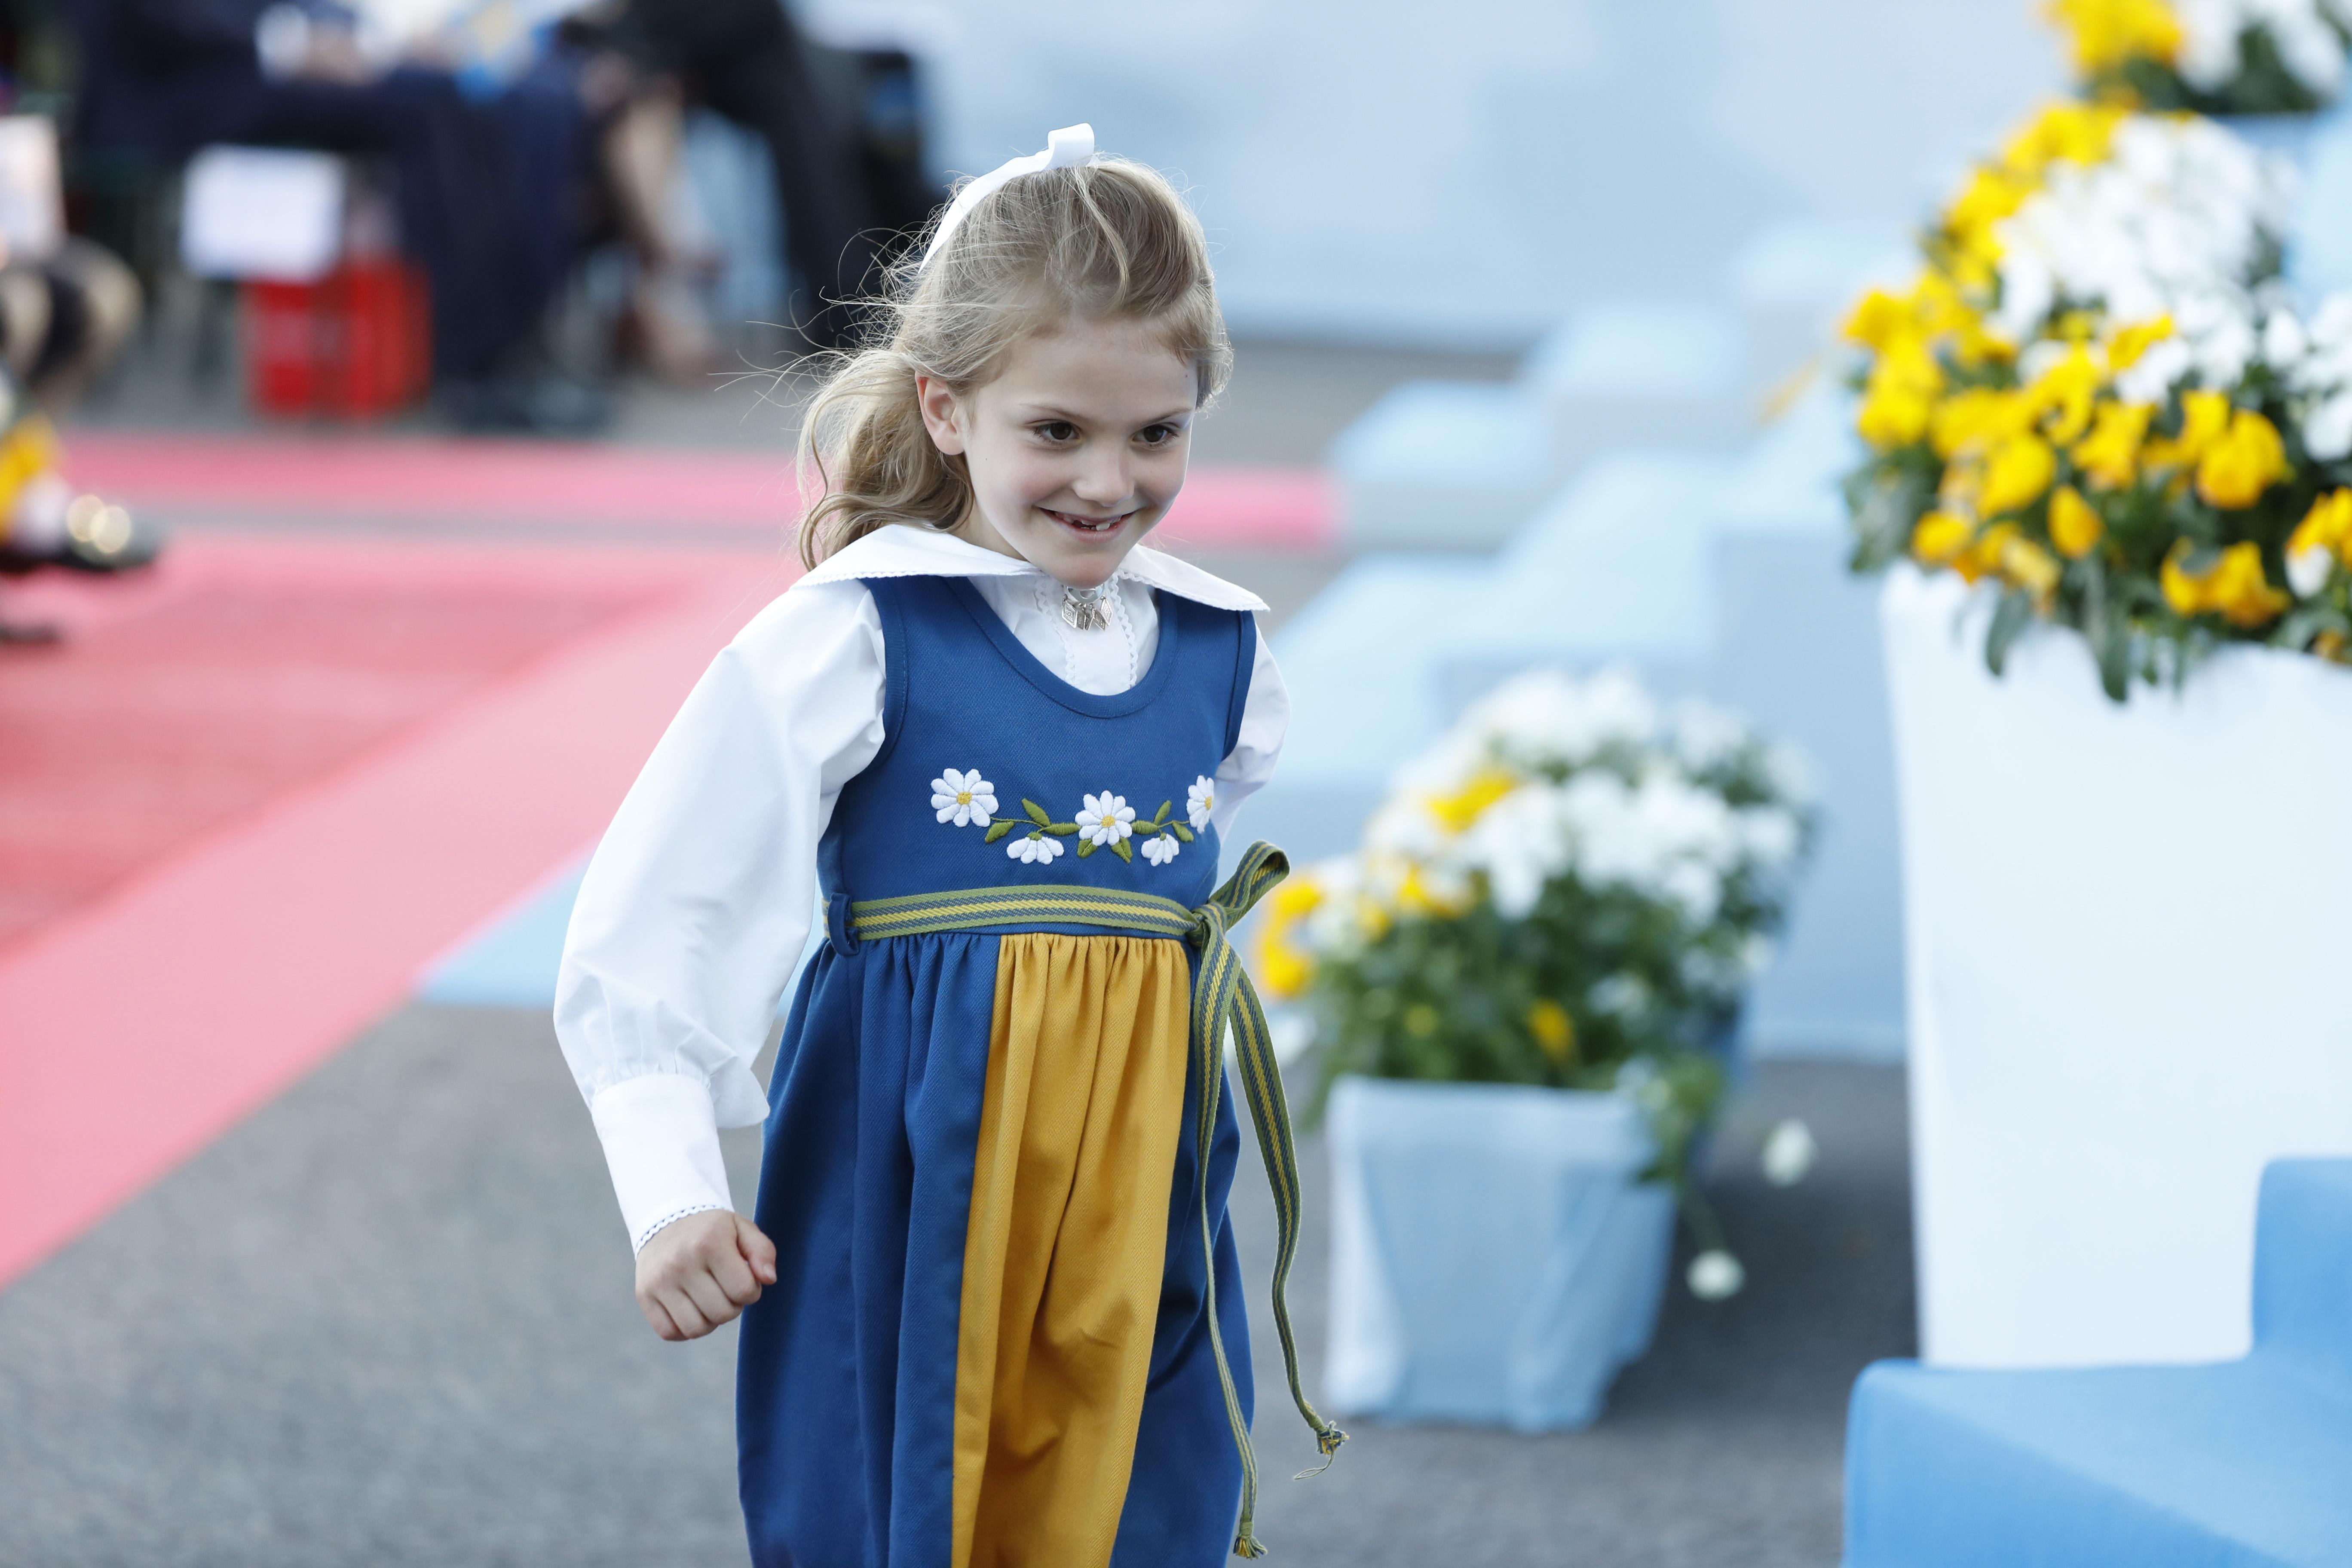 Принцеса Естел Шведска, 7-годишна.<br /> Принцеса Естел е втора поред за наследявана на шведския престол след майка си, 41-годишната принцеса Виктория.